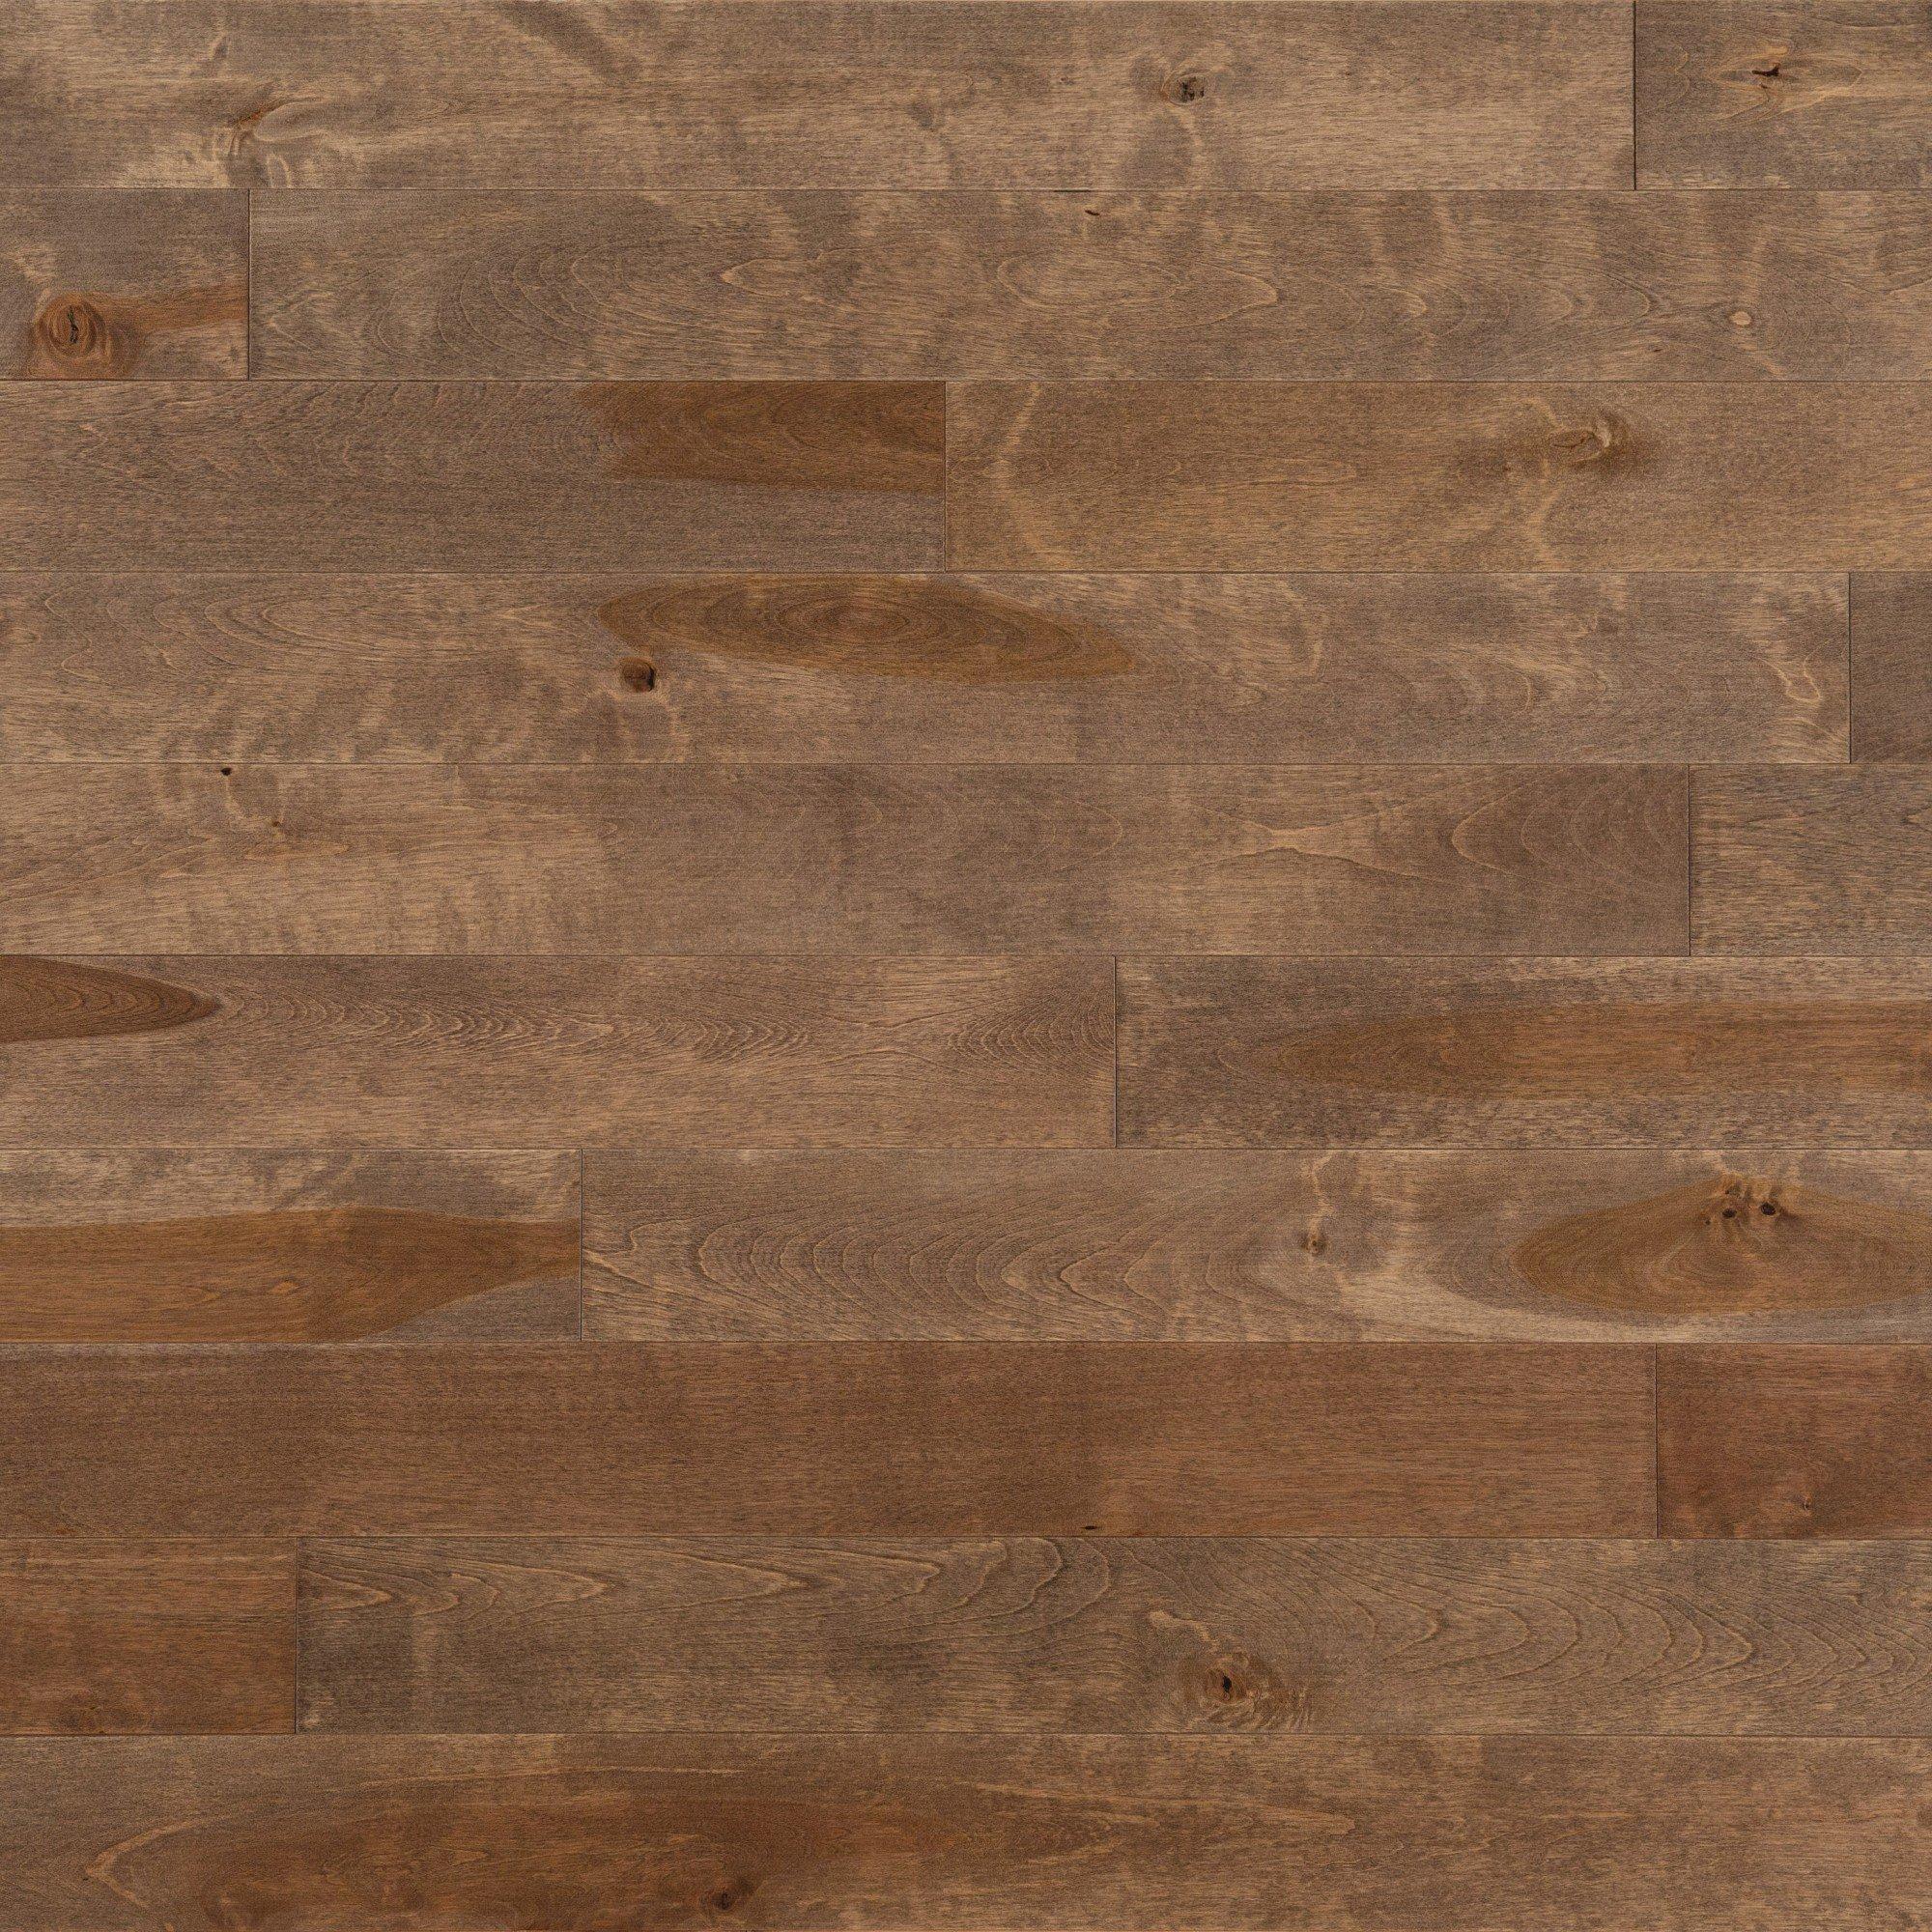 Merisier Bois Franc : Plancher de bois franc Merisier antique Nougat